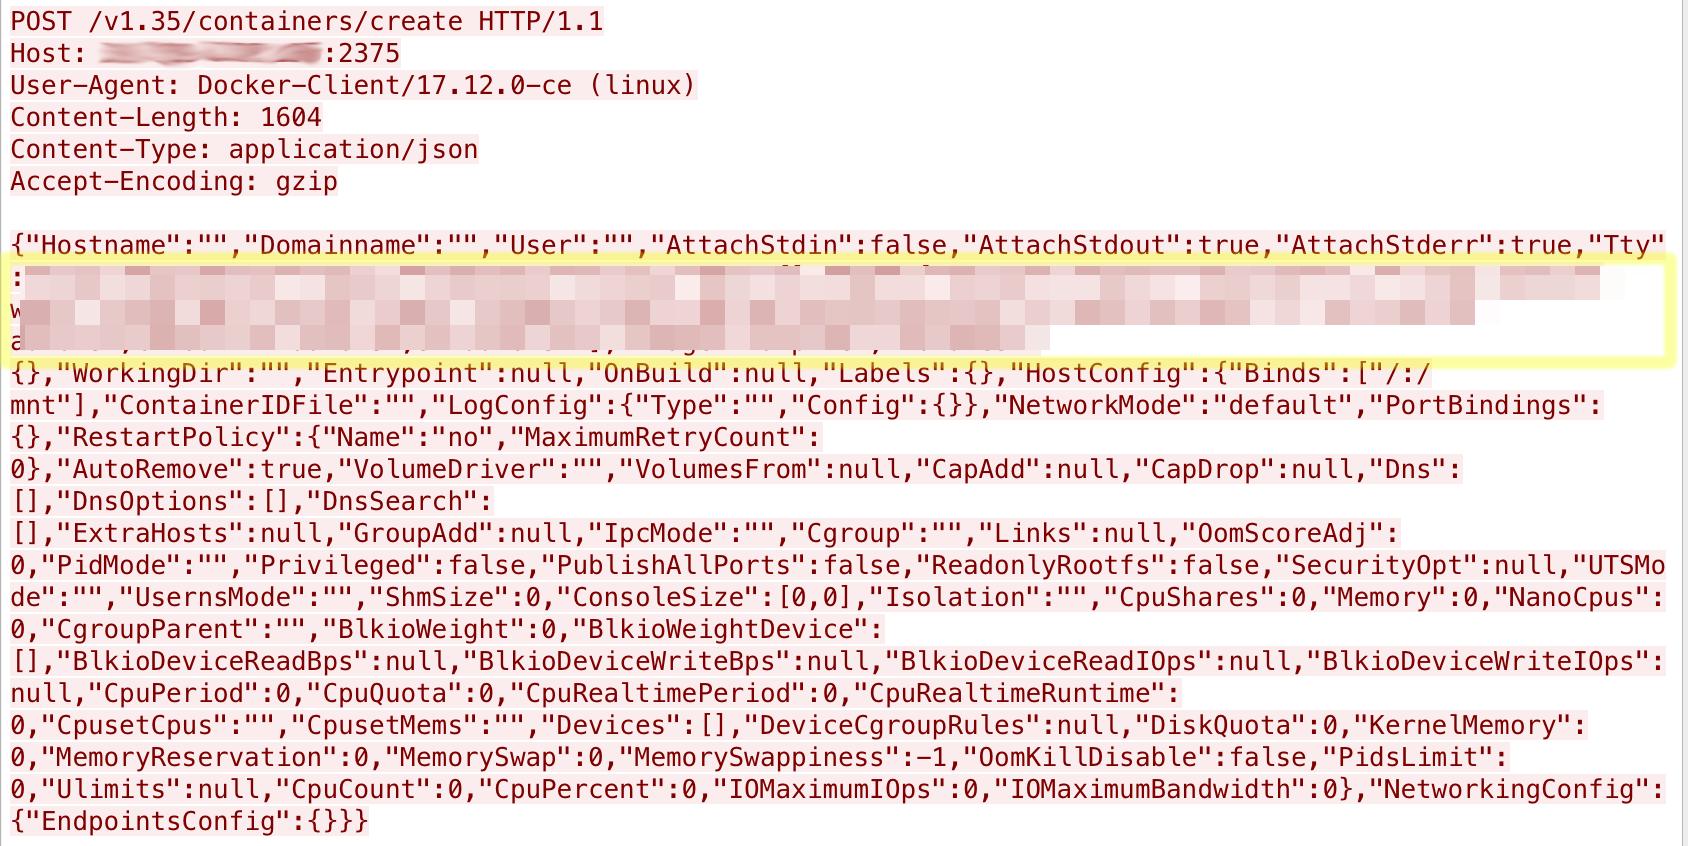 露出した Docker API を介してコンテナを作成するパケット